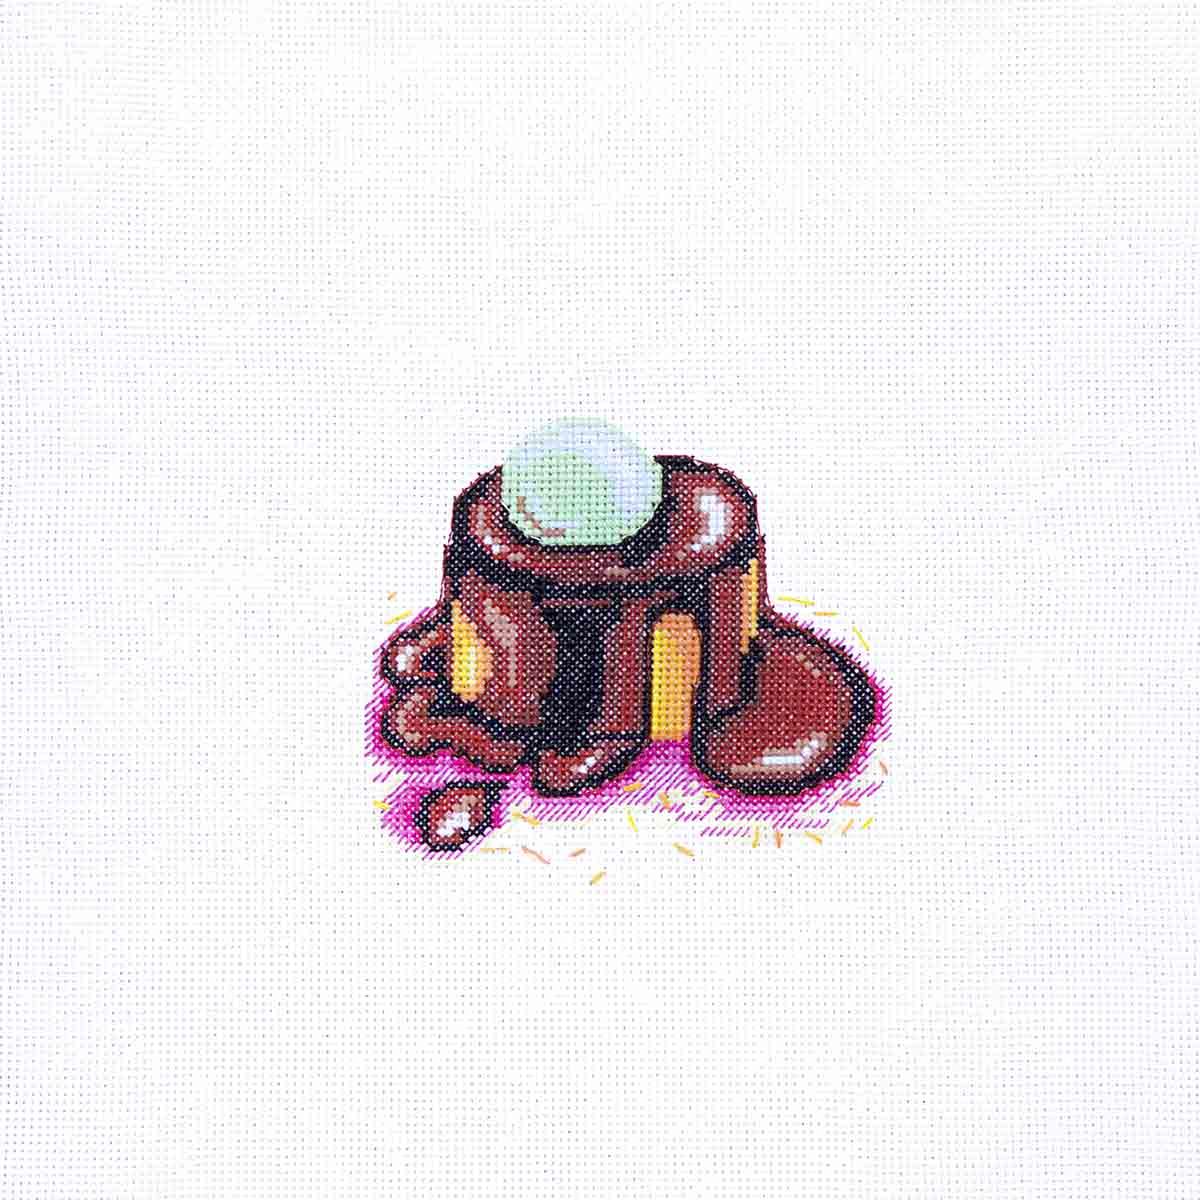 К-201 Набор для вышивания крестом Созвездие 'Брауни' 12*11см